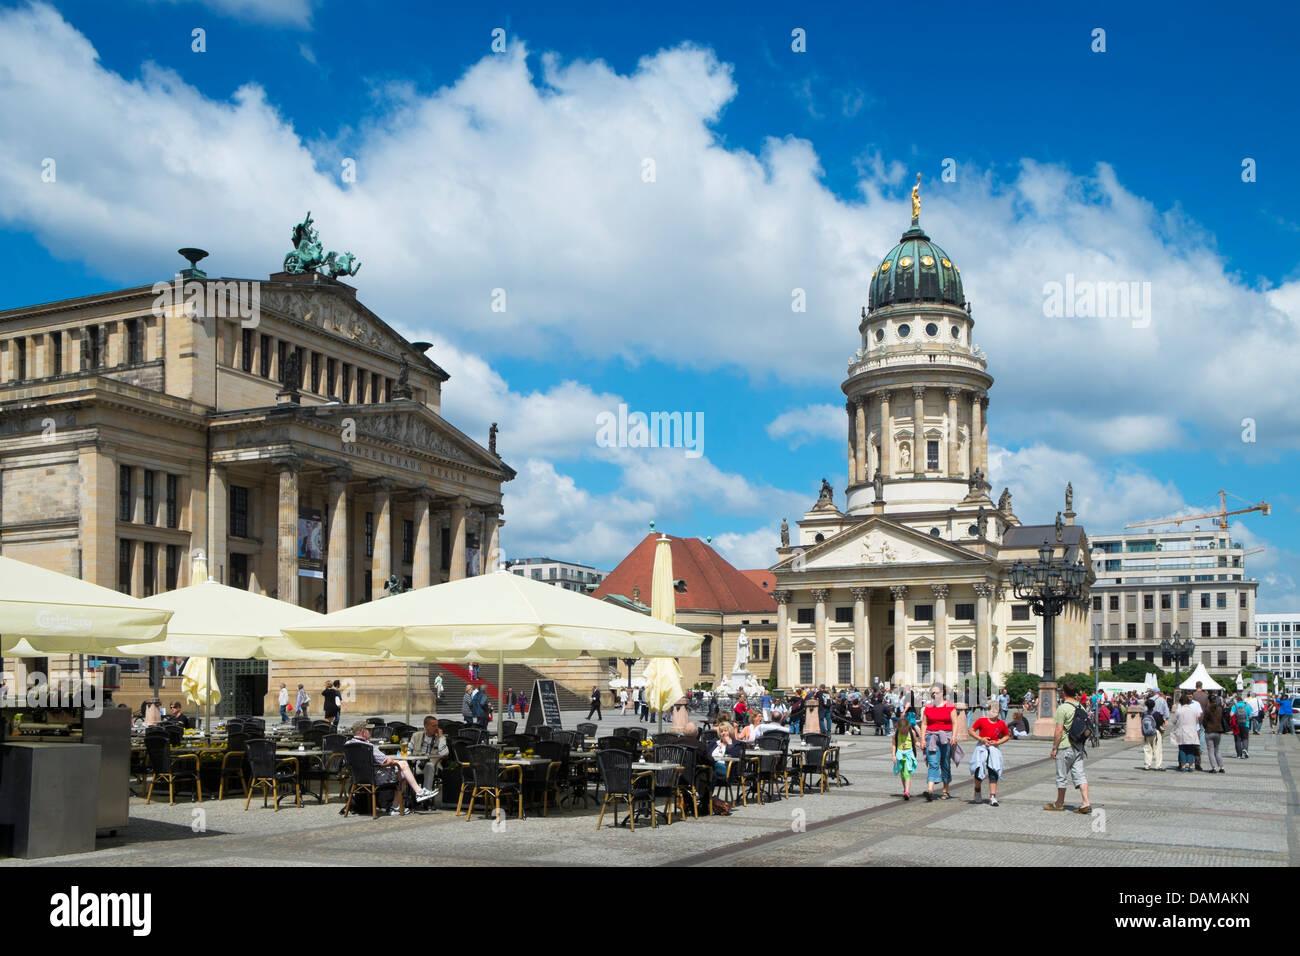 Blick auf den historischen Gendarmenmarkt Square in Mitte Berlin Deutschland Stockbild